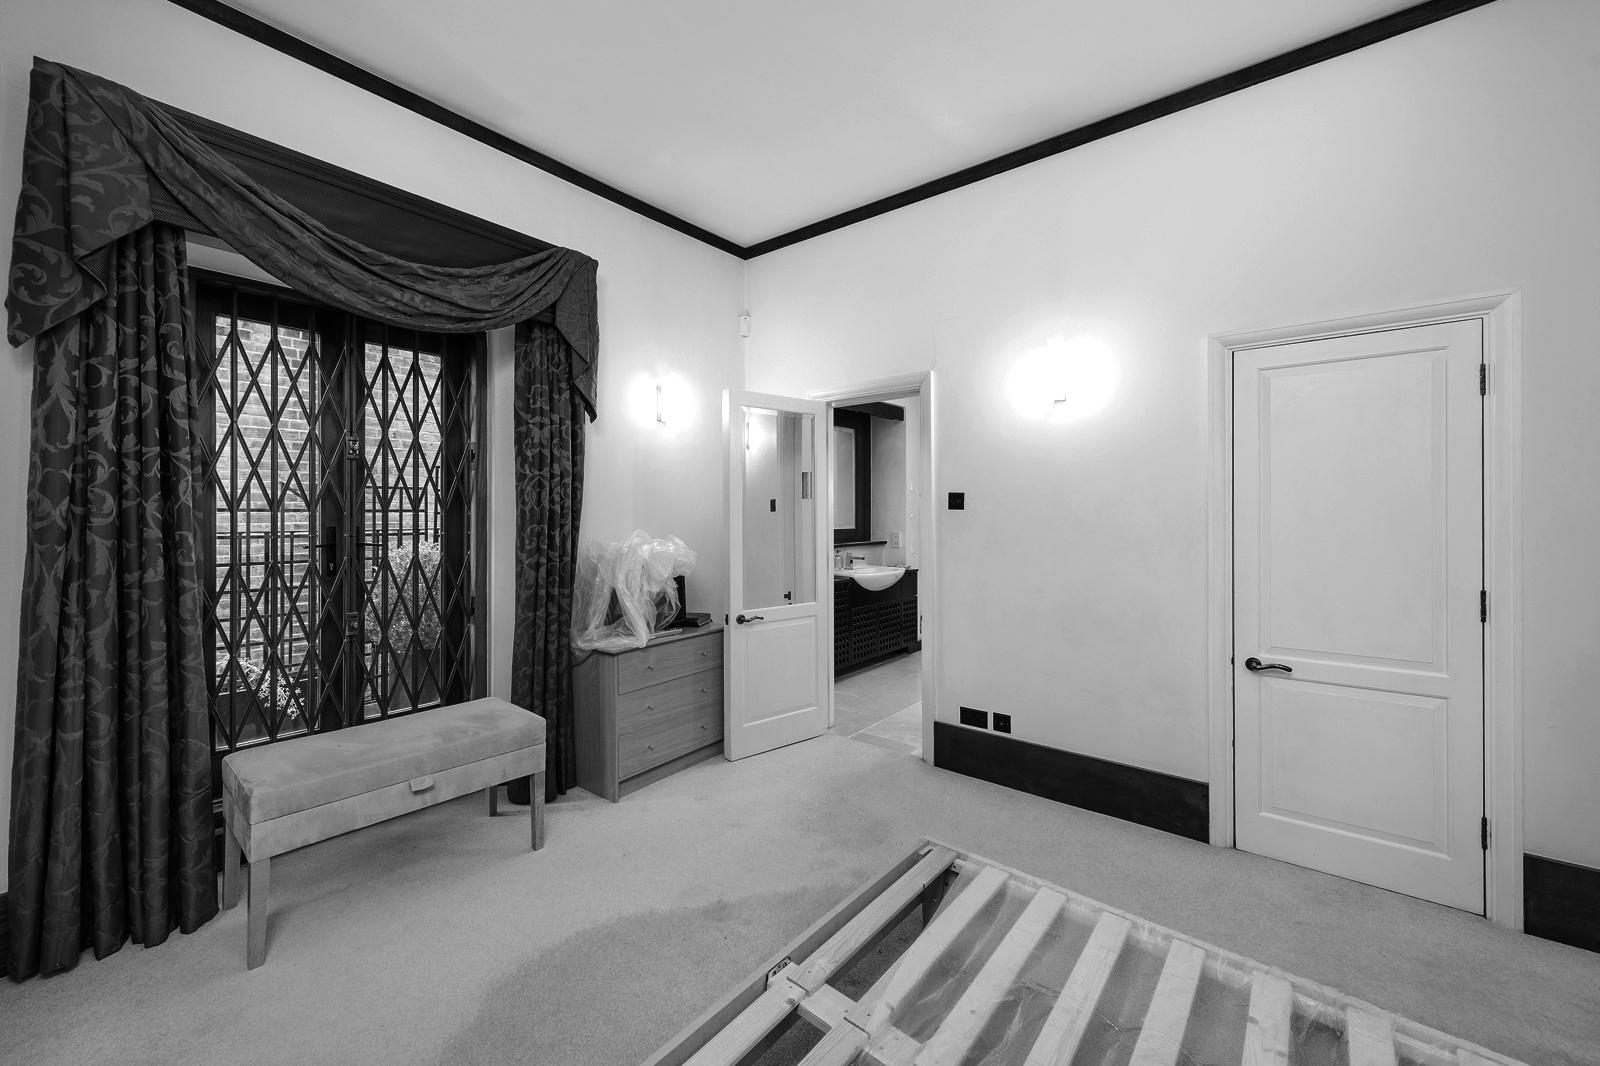 Schlafzimmer vor der Modernisierung